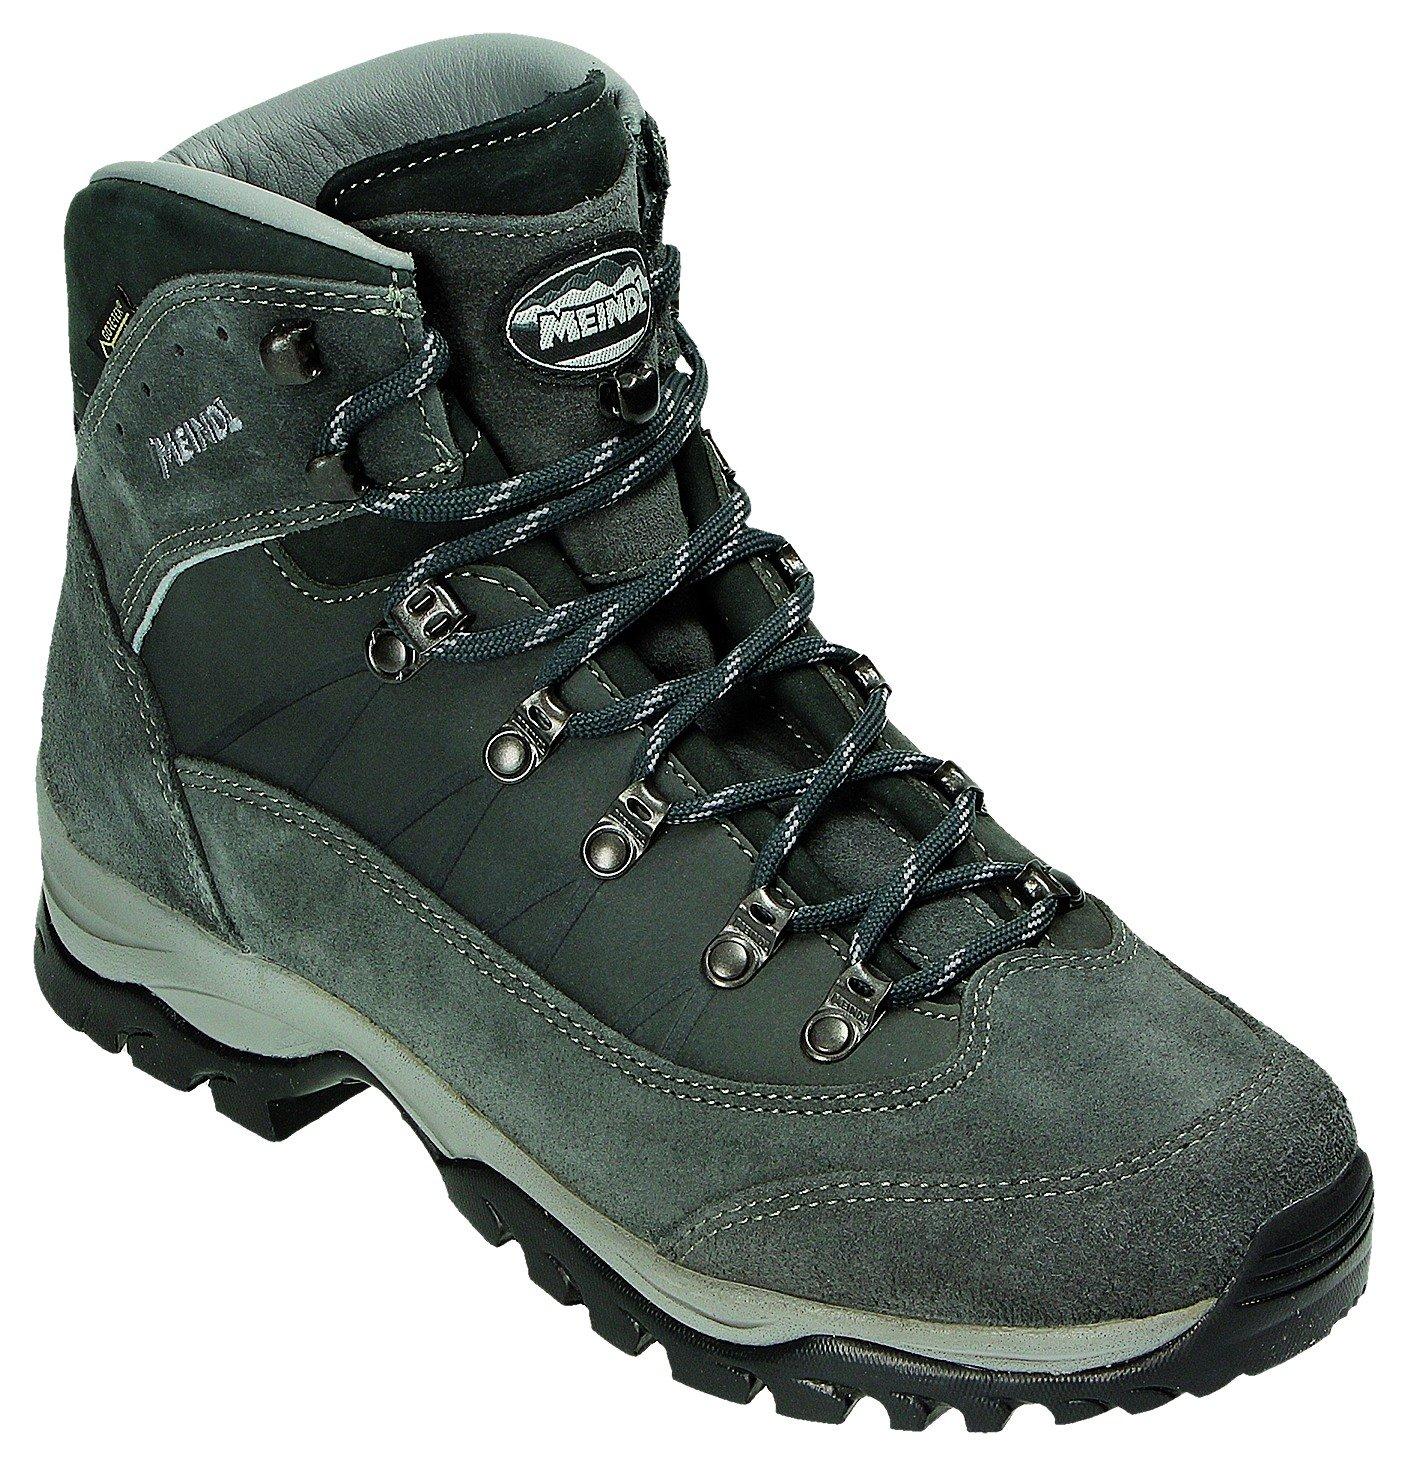 Meindl Schuhe Arizona GTX Men - anthrazit/grau